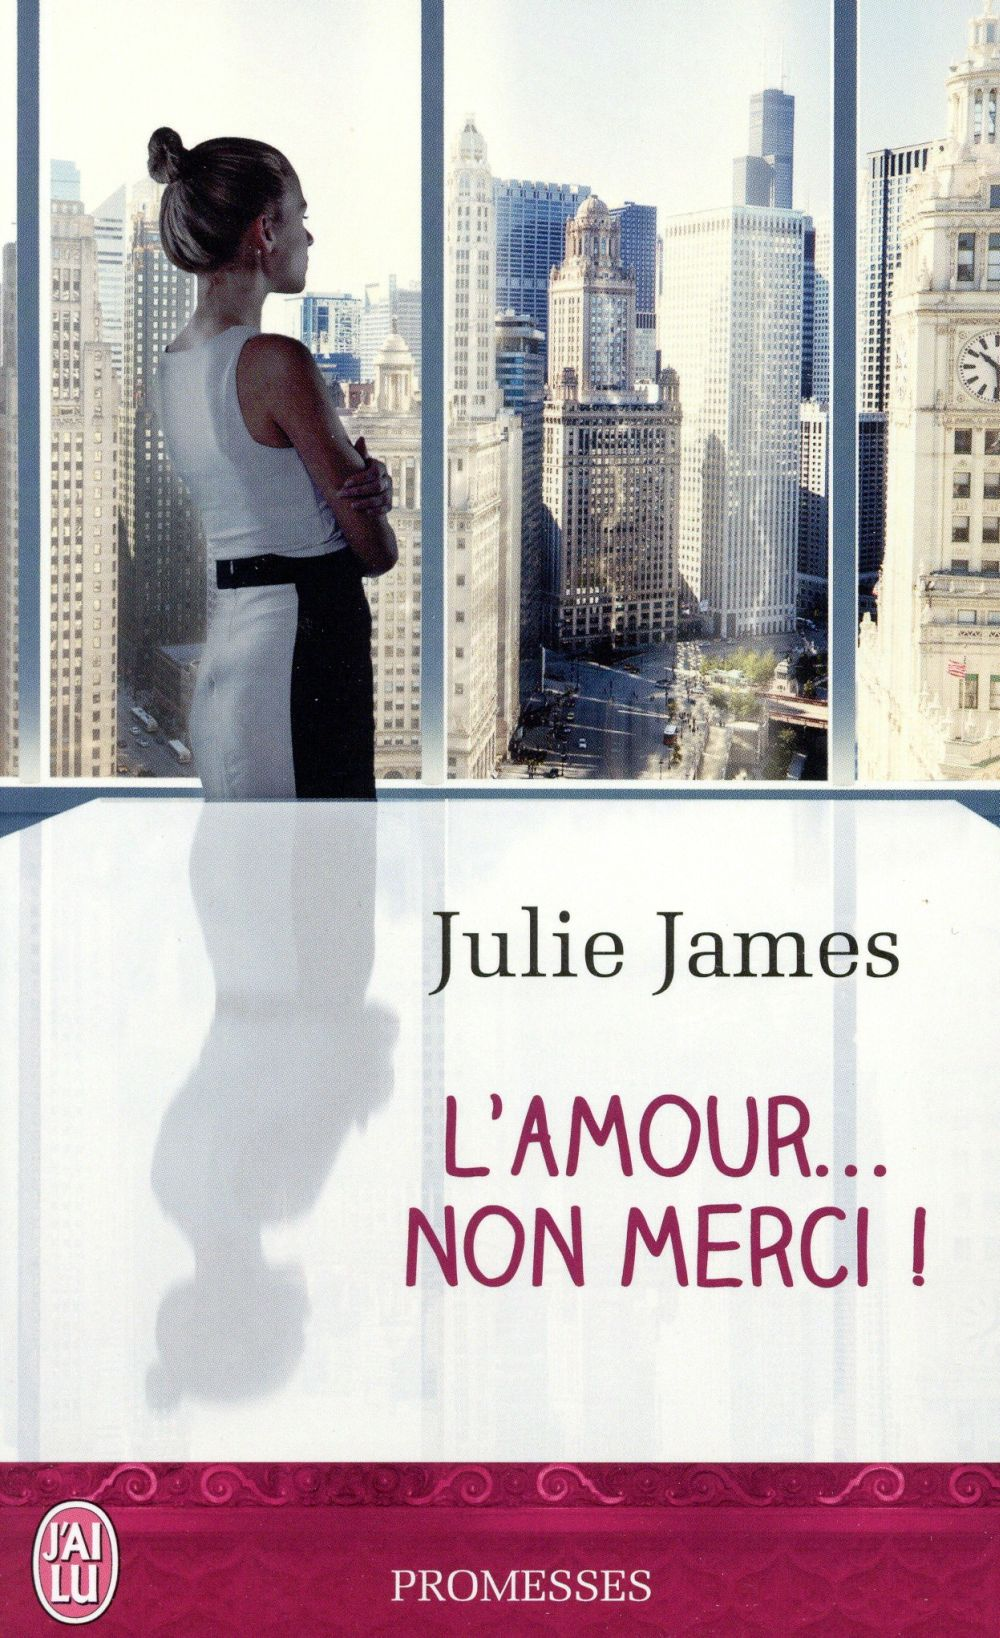 L'AMOUR... NON MERCI !